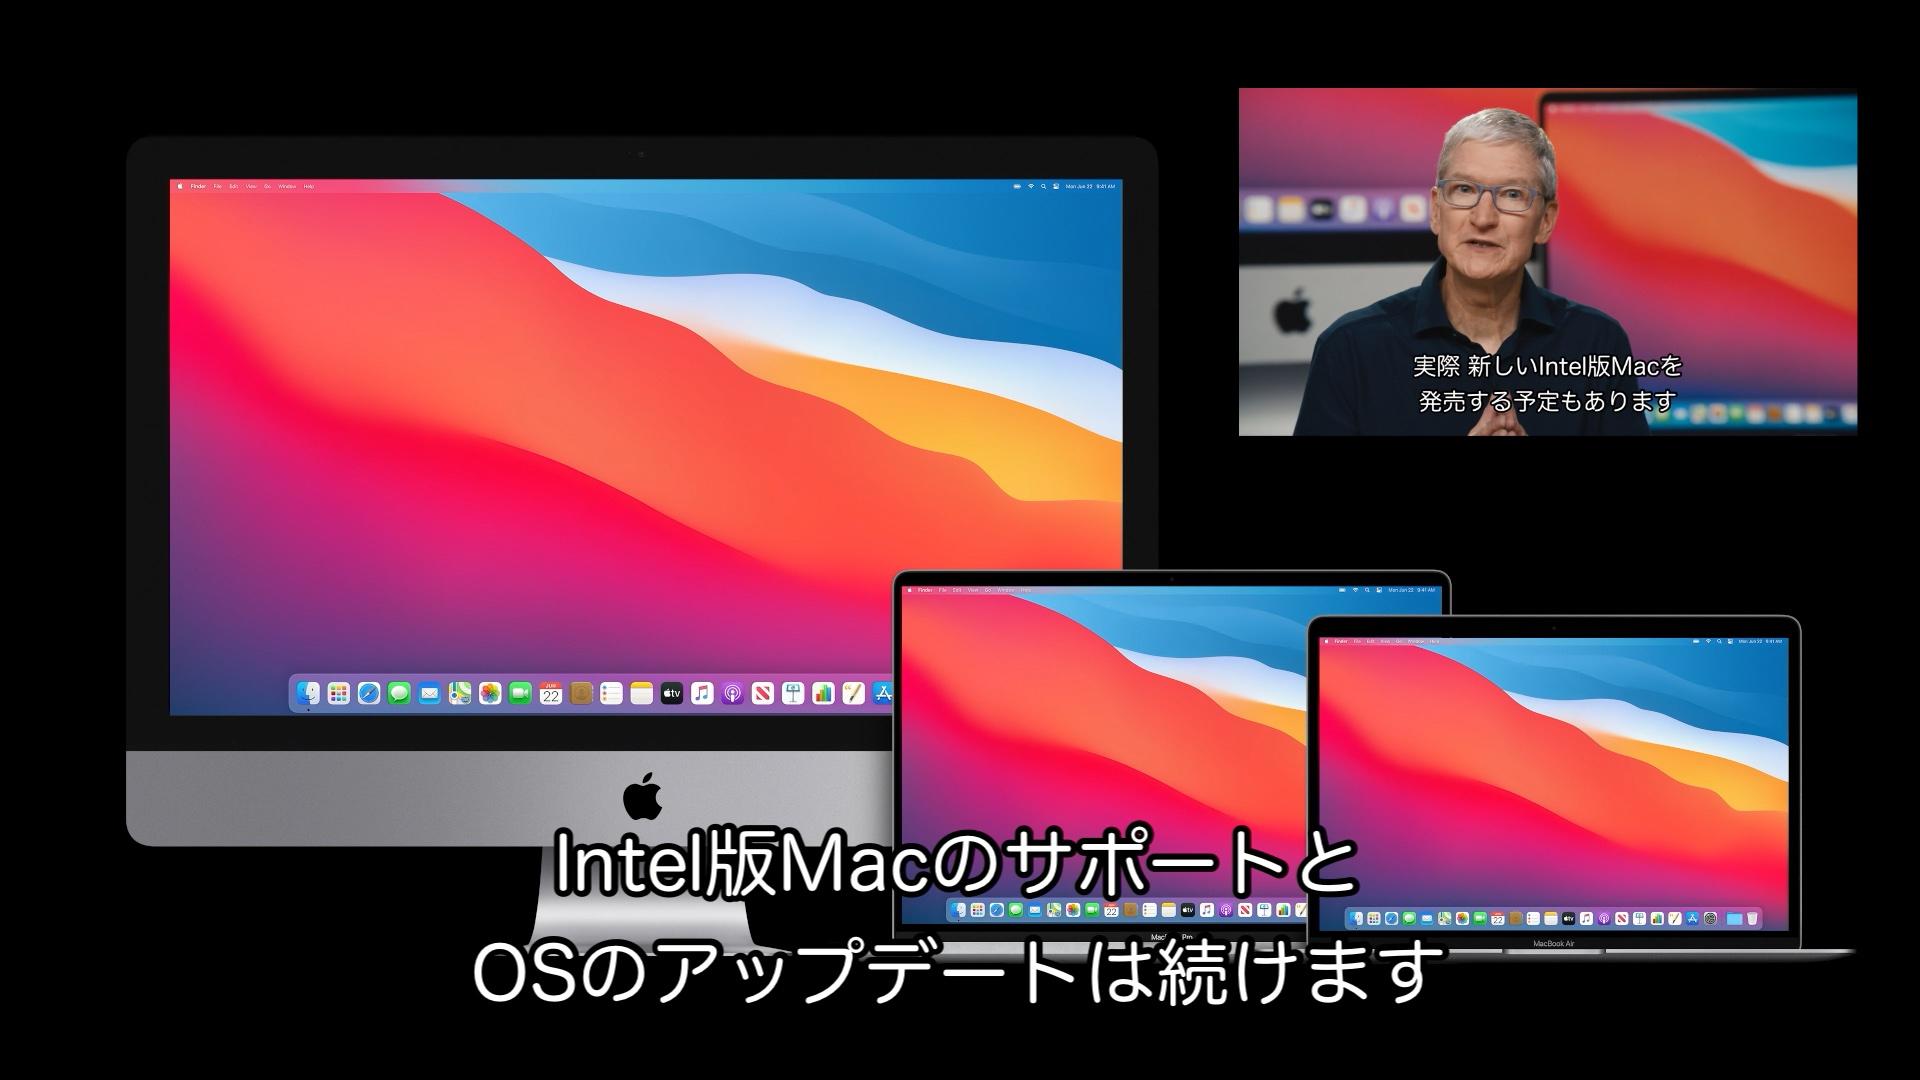 Apple Silicon Macとオブゾリート